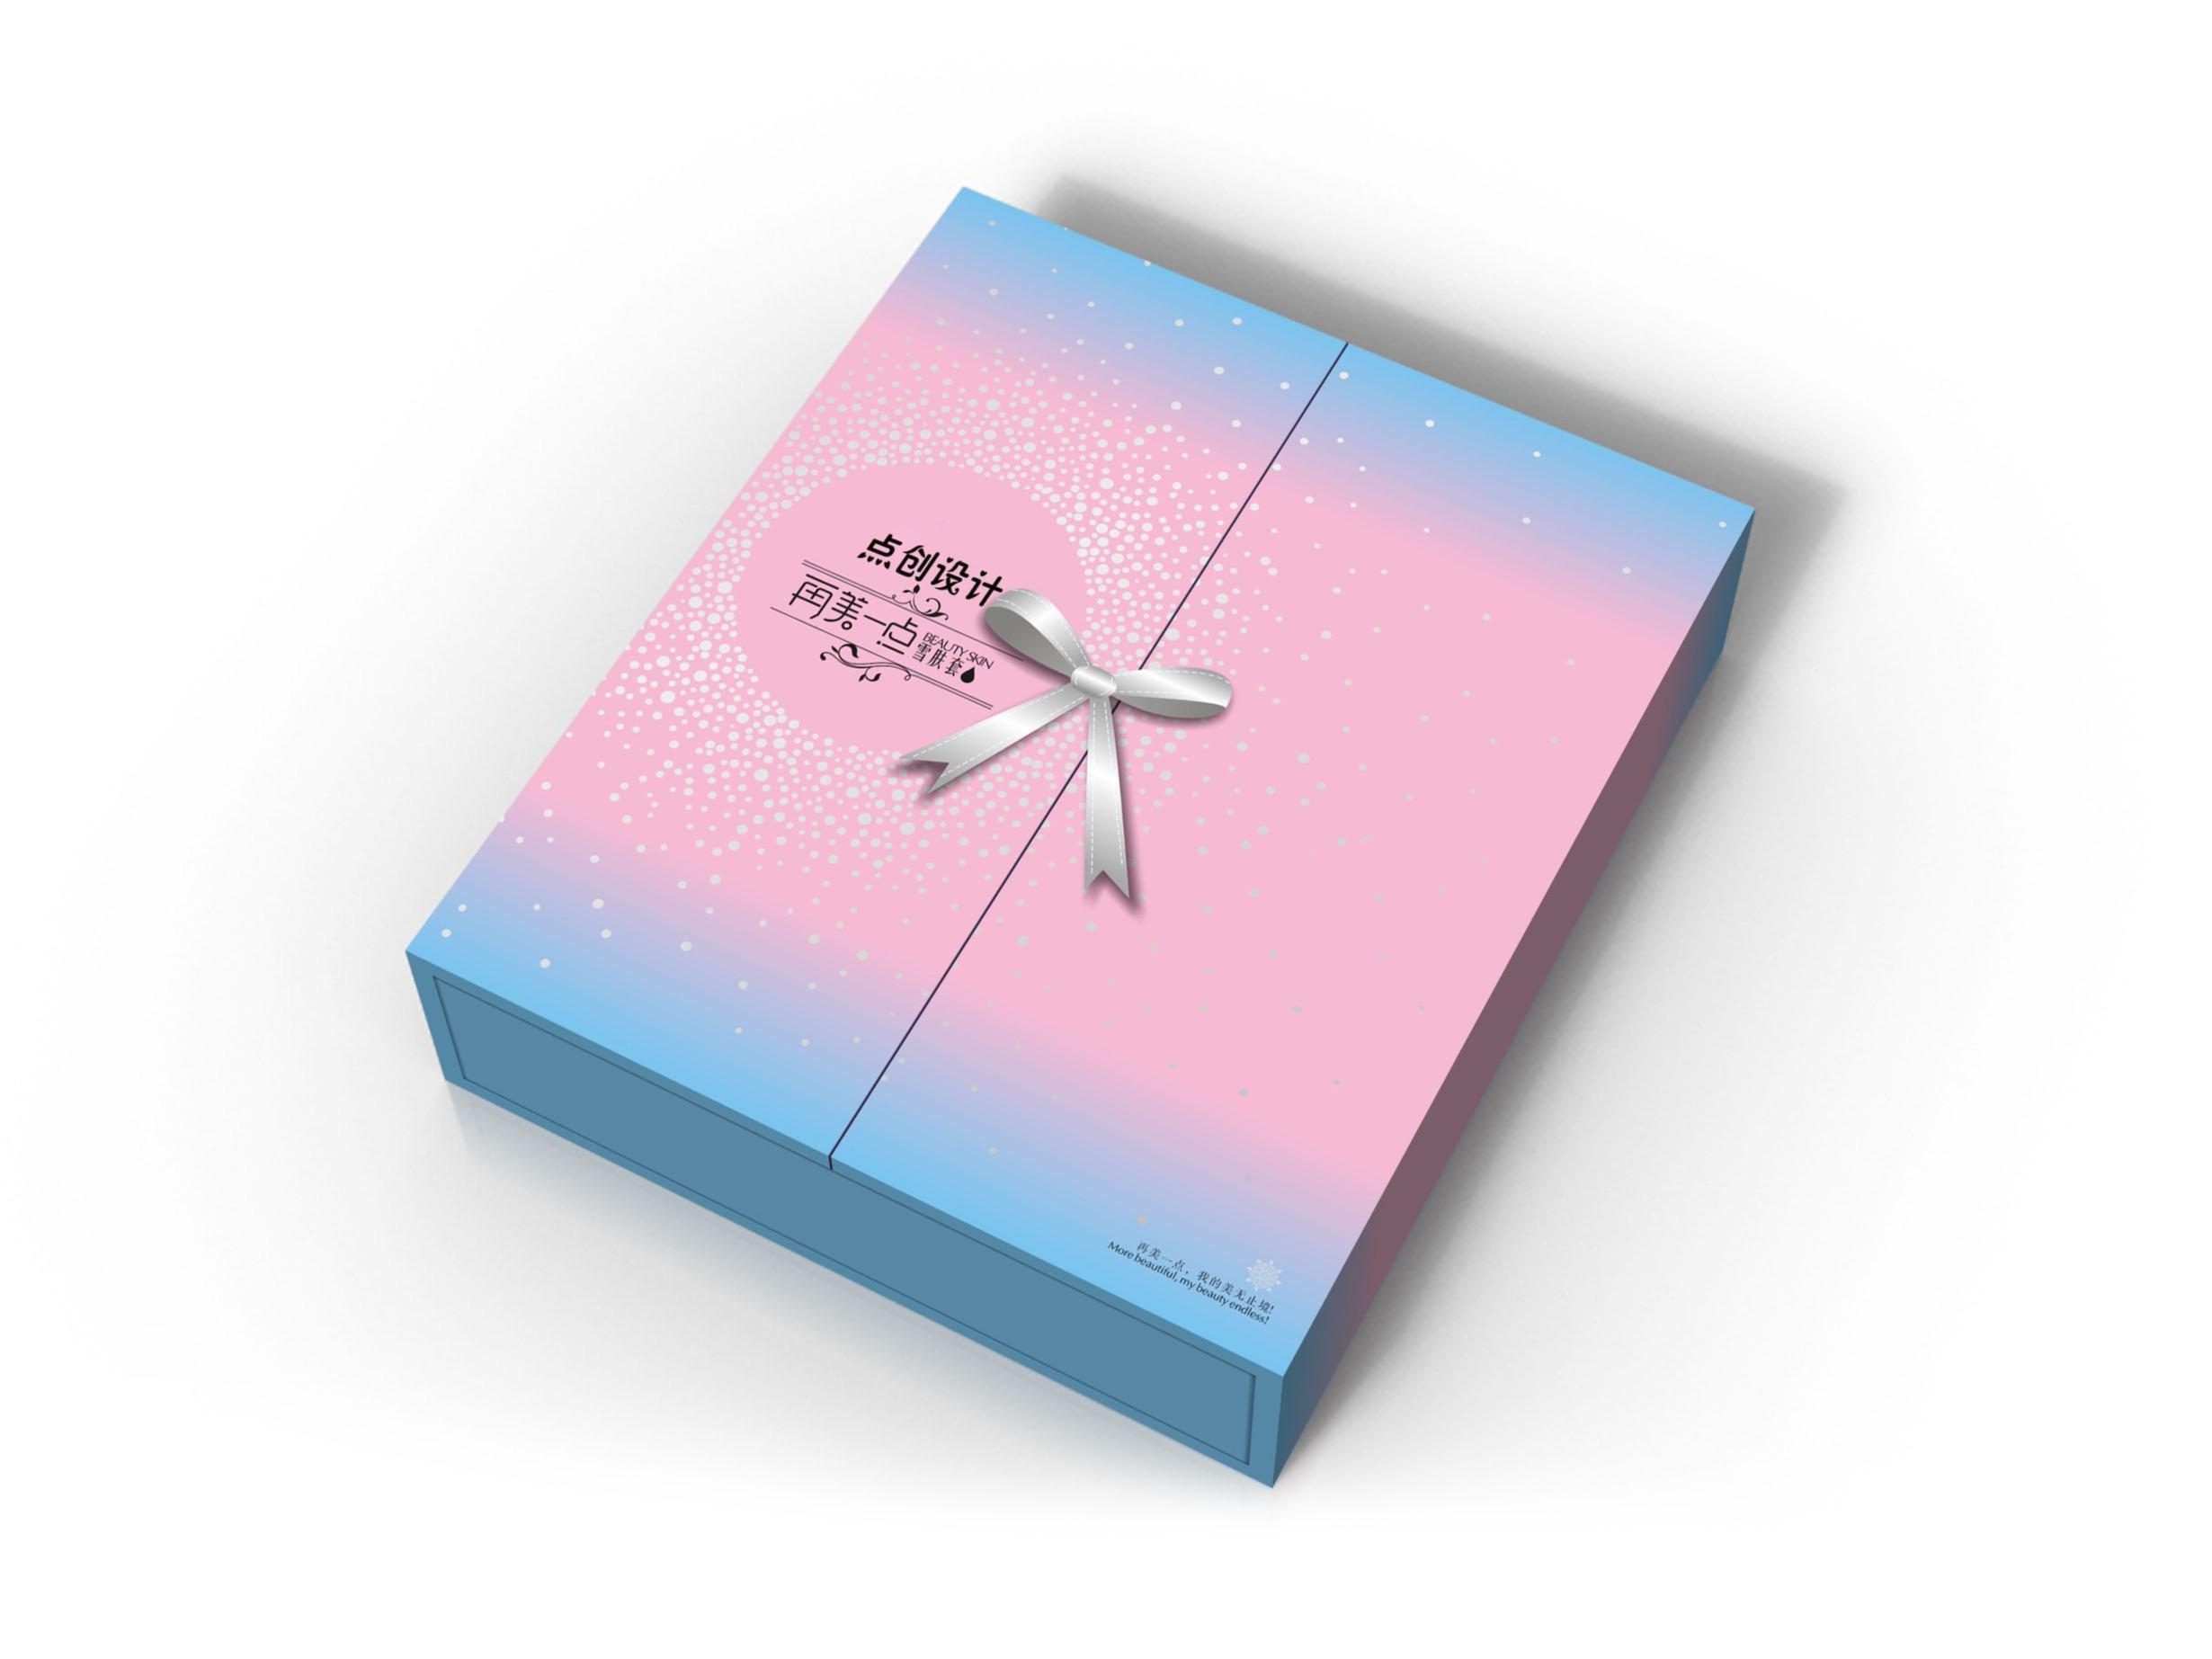 定做化妆品包装盒中烫银工艺和银卡逆向的区别